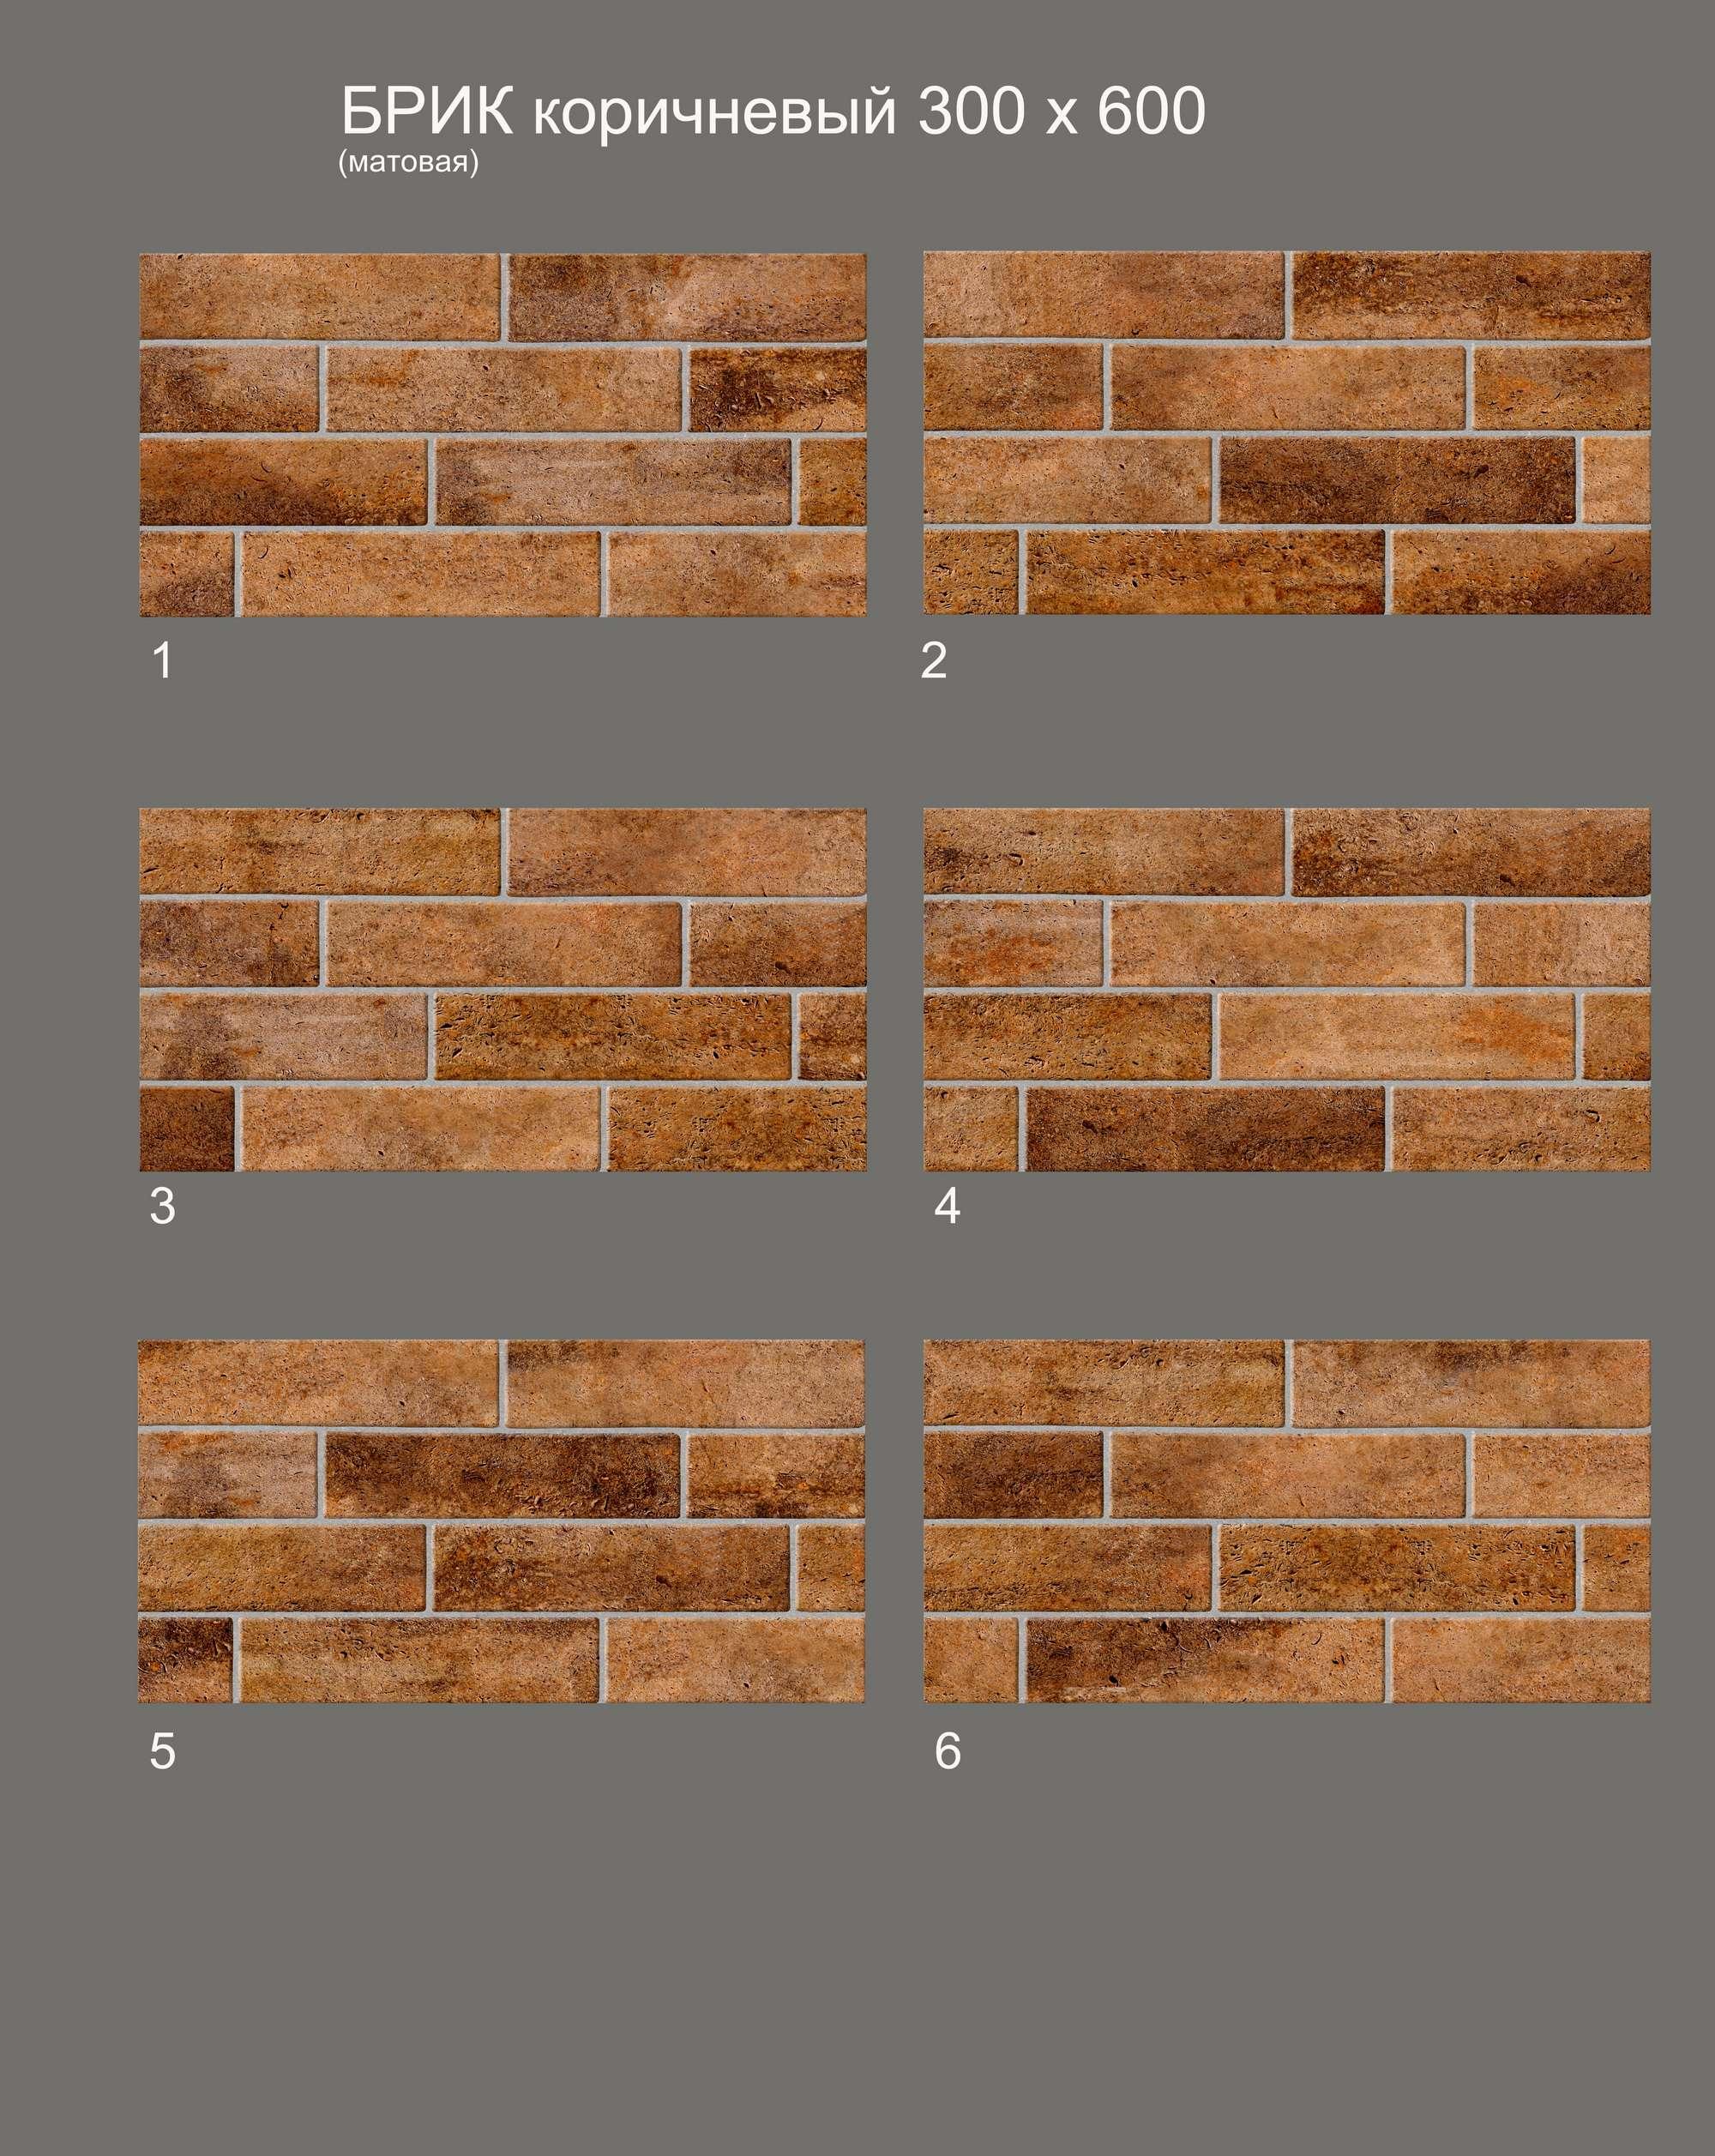 Brick brown